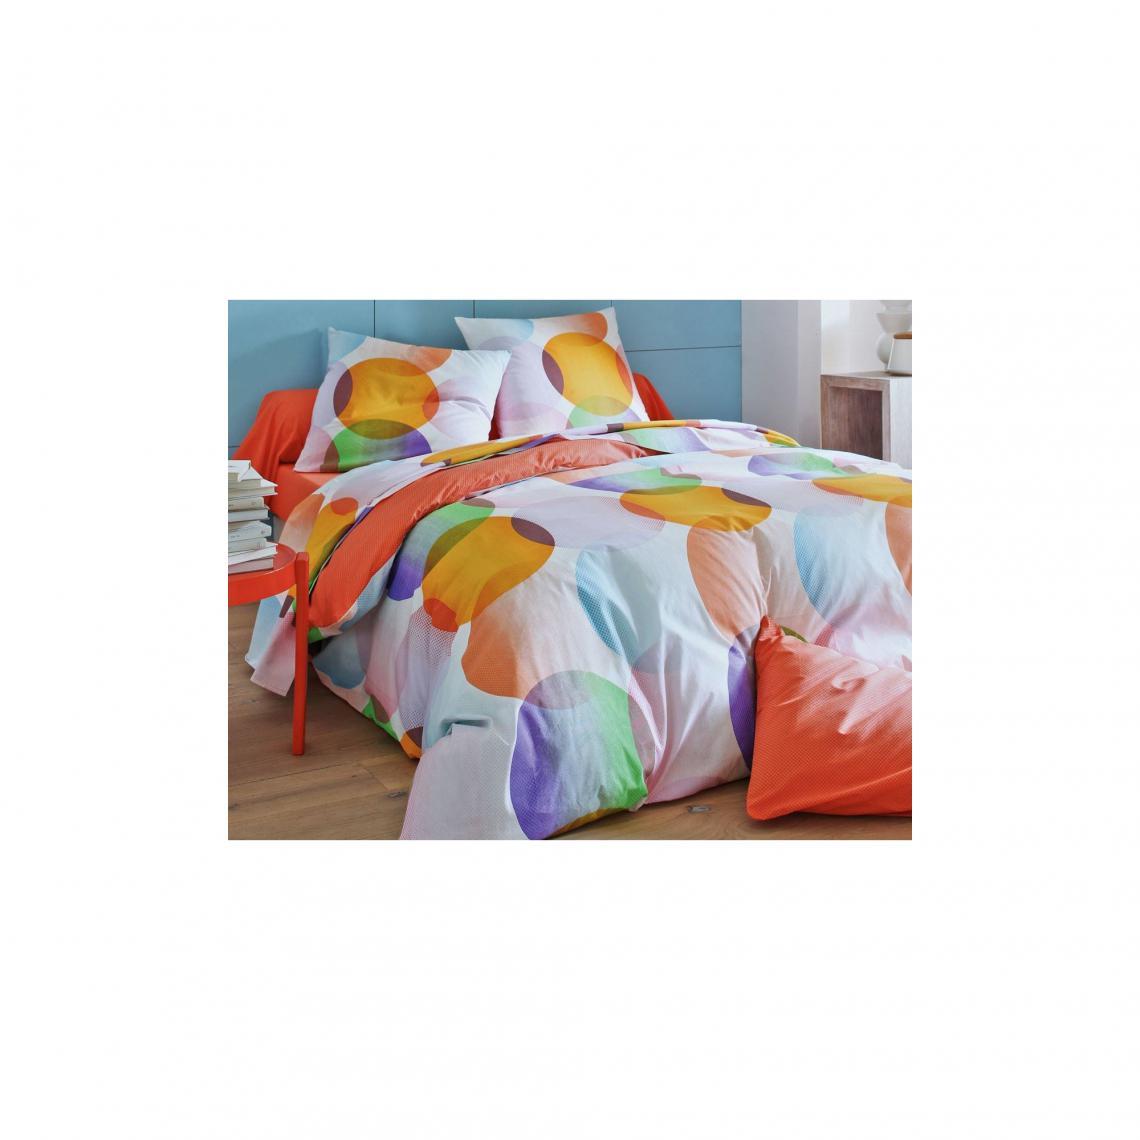 Housse De Couette Imprime Disques Multicolore 3 Suisses